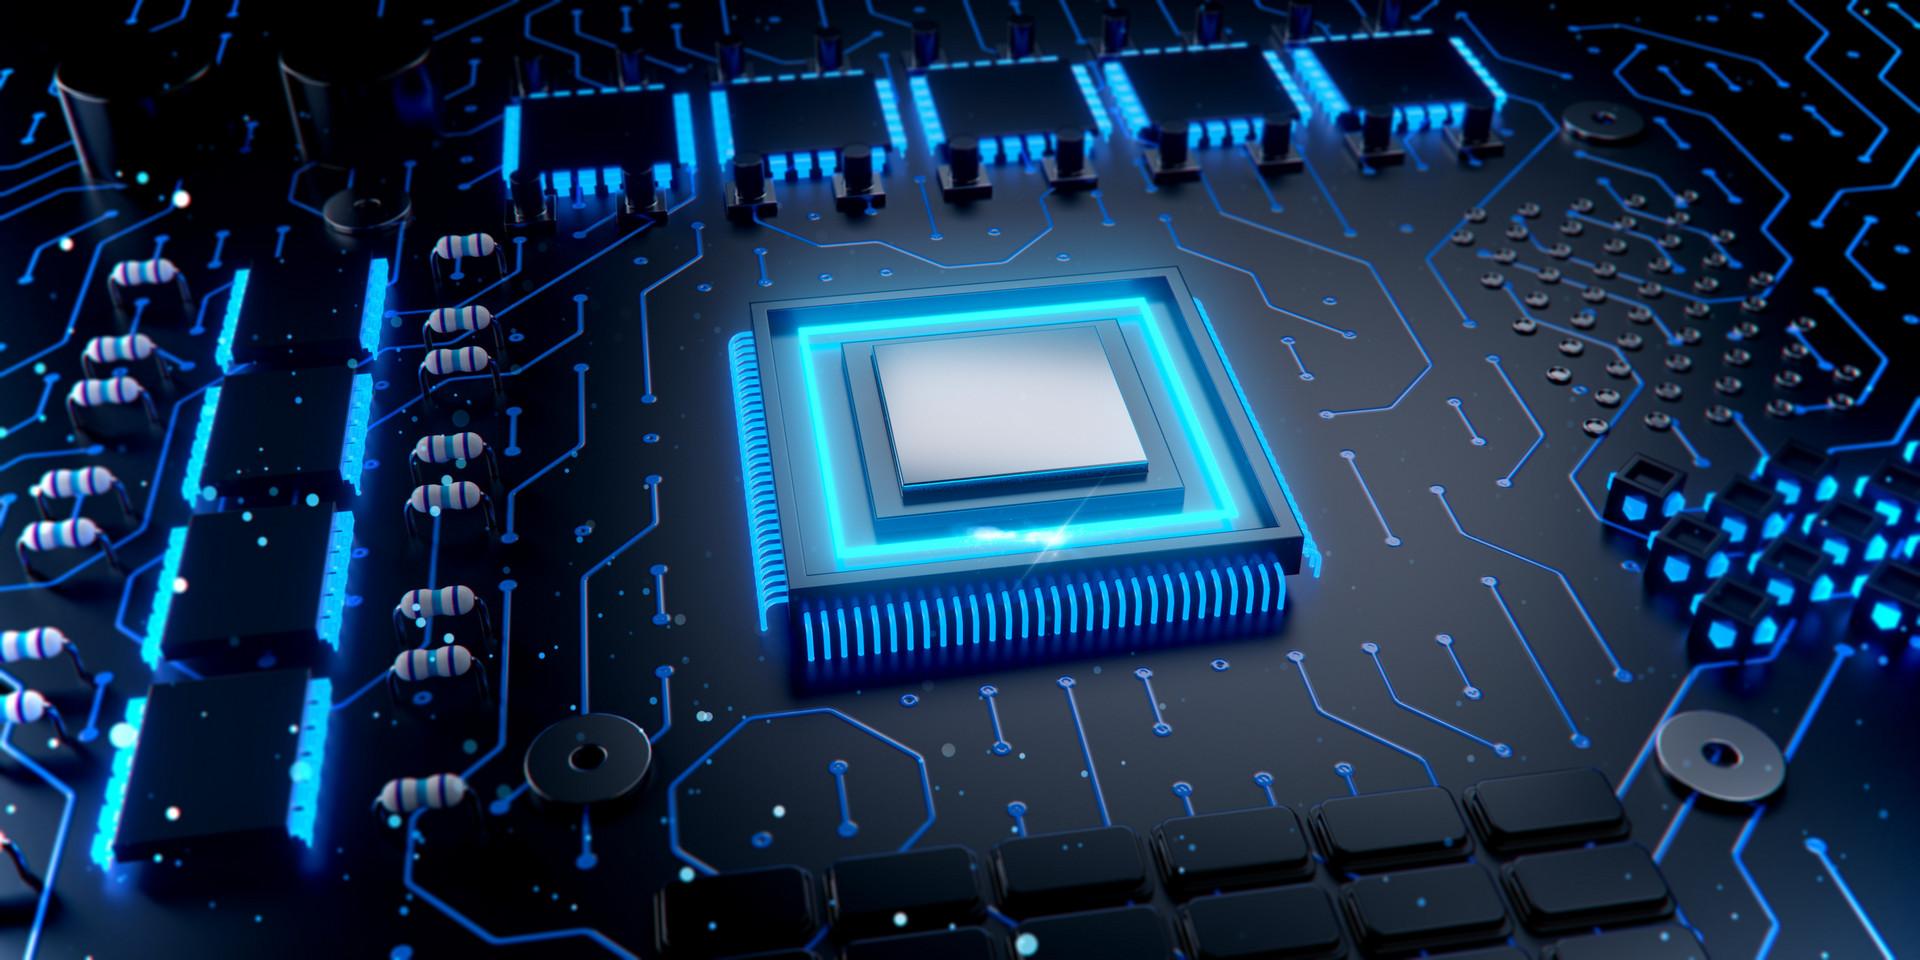 替代英特尔PC芯片两年过渡期 苹果走向全产品芯片自研